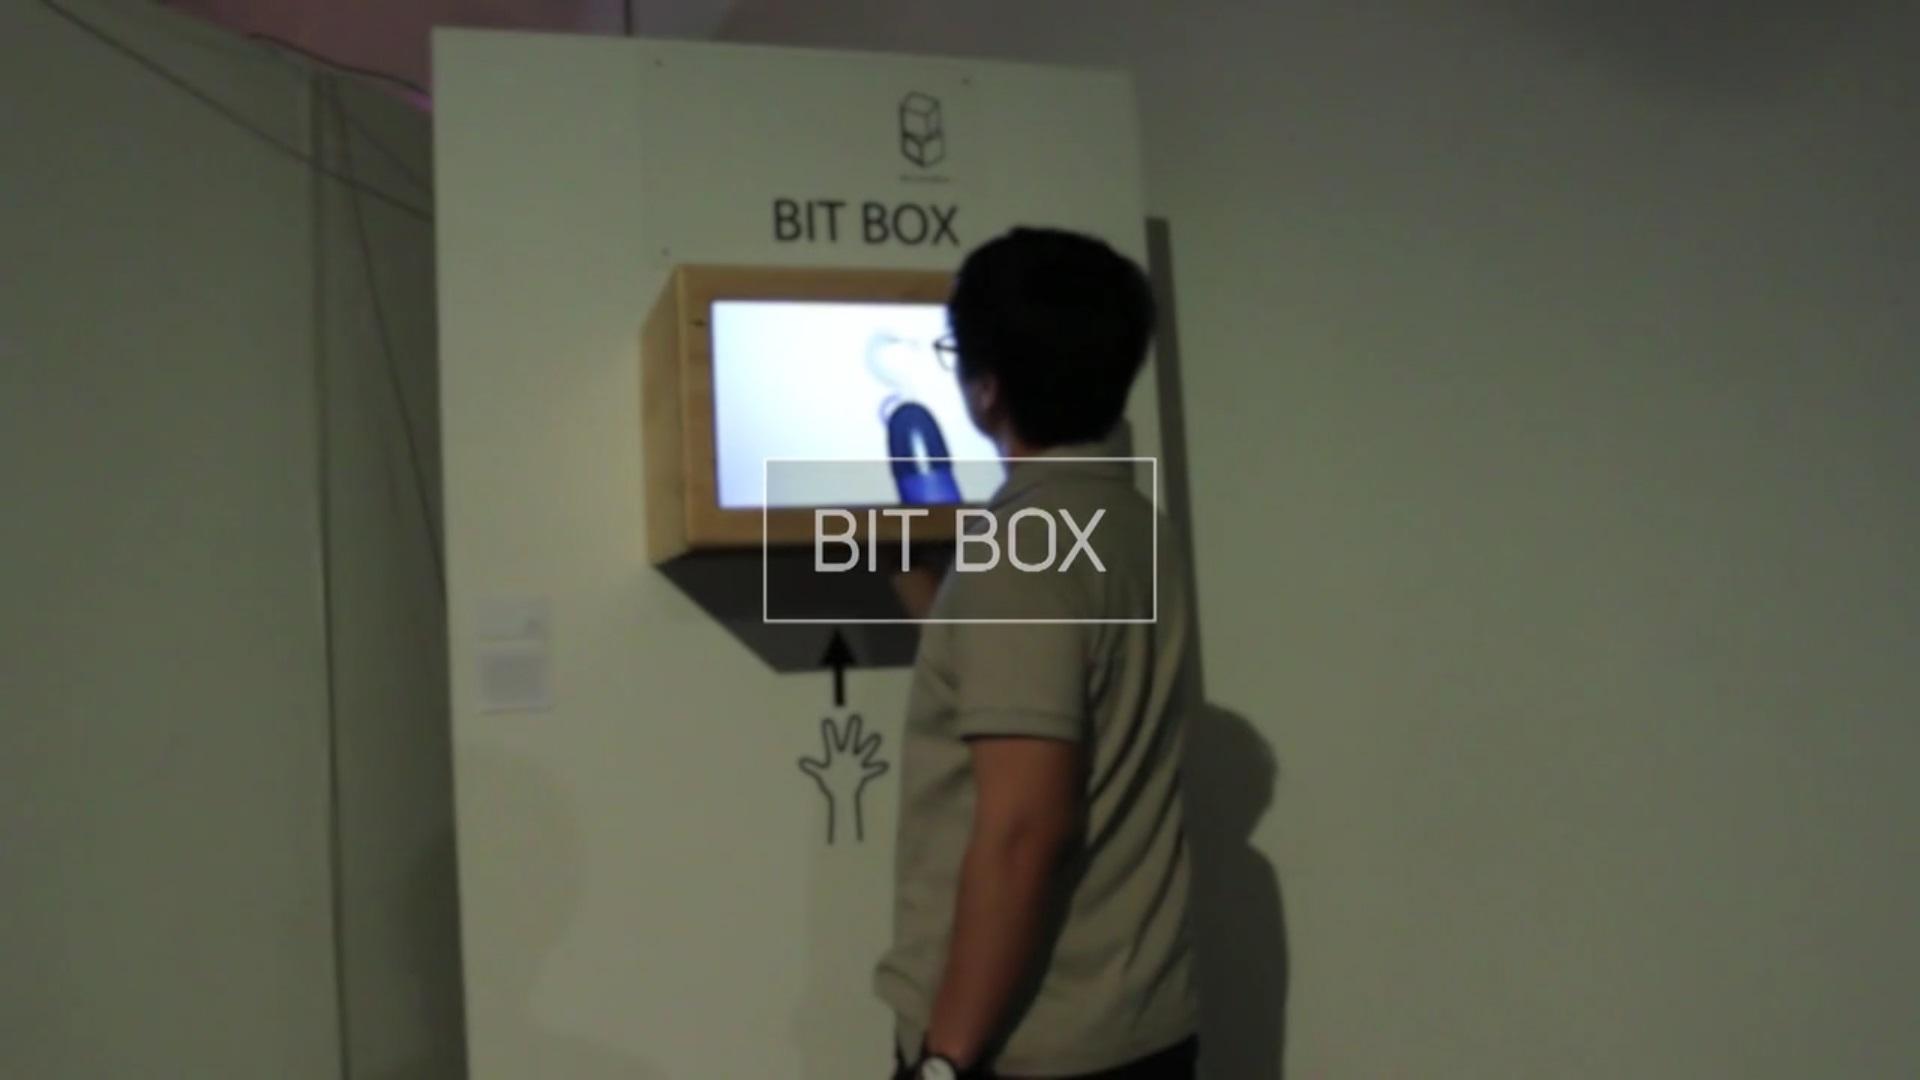 bit.box